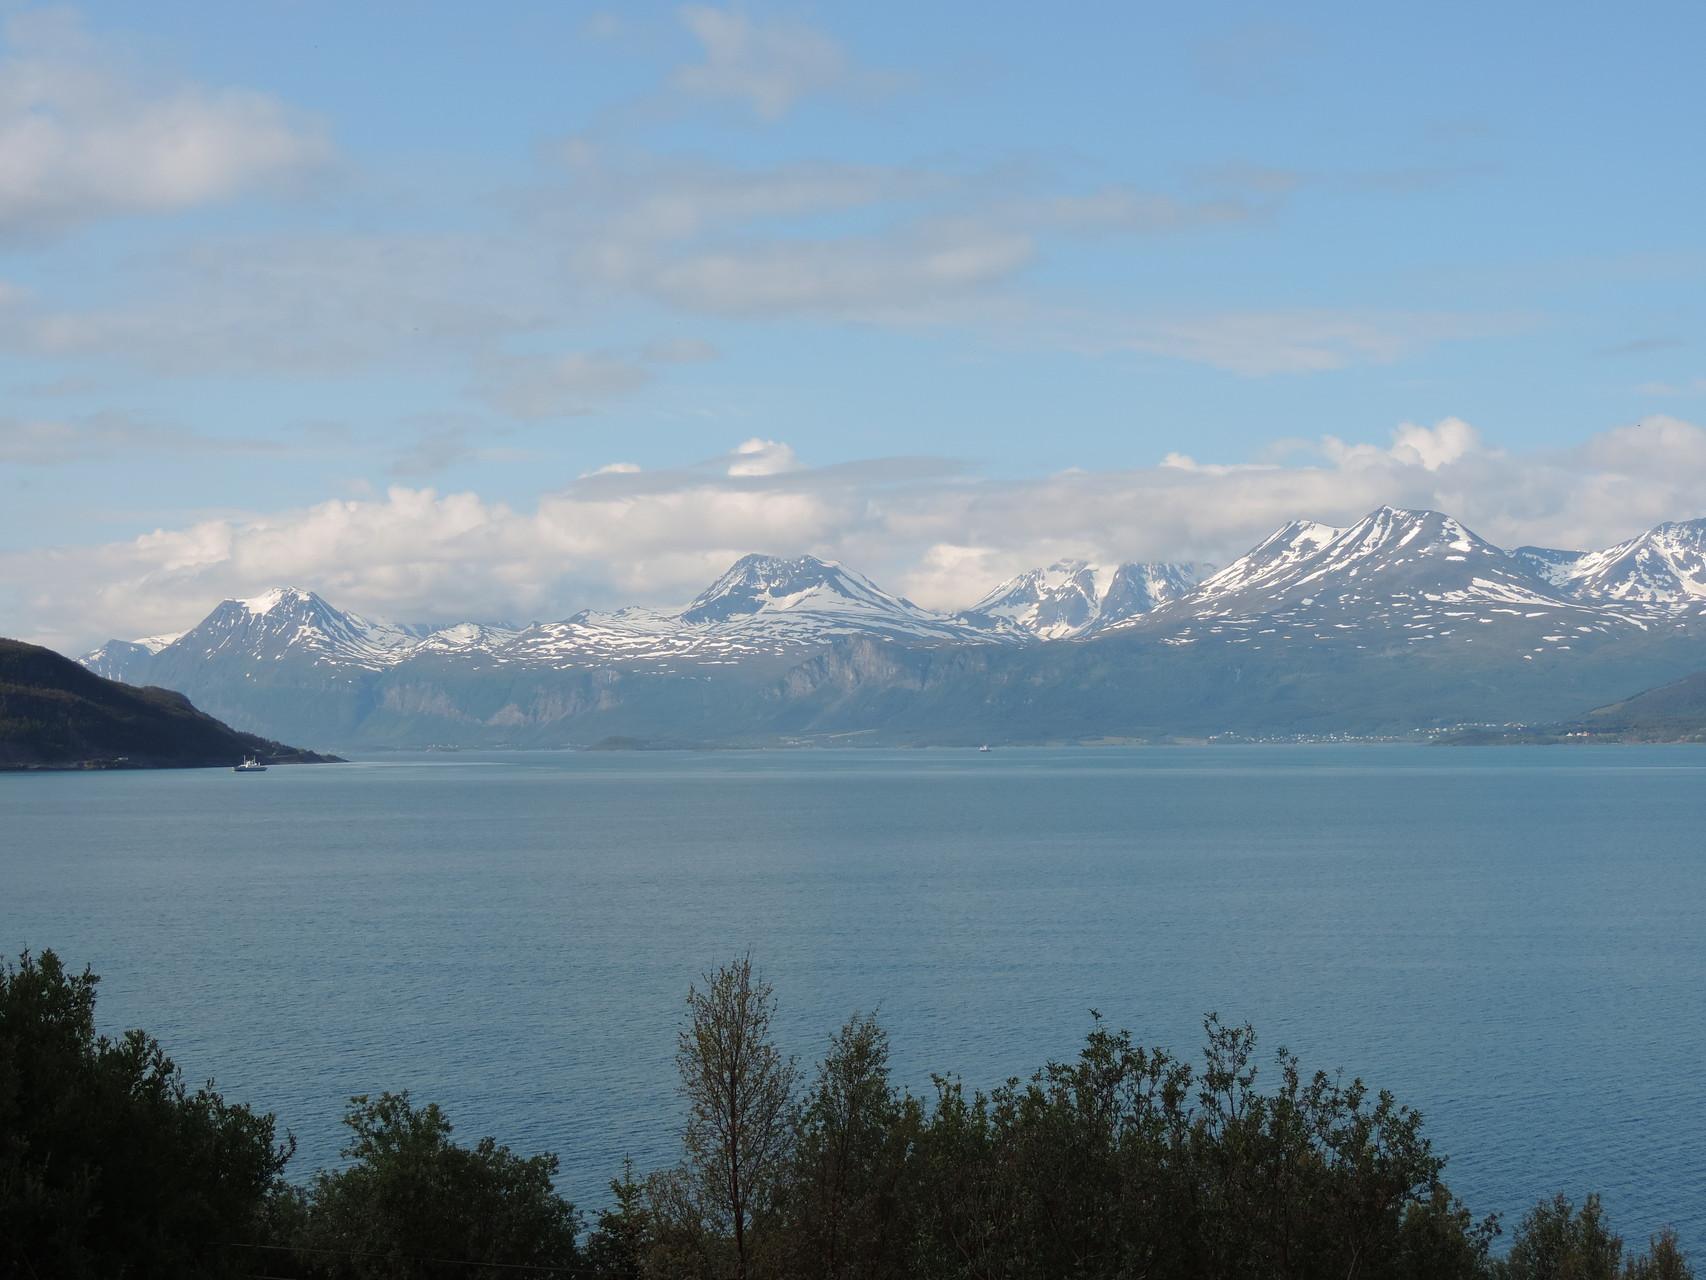 Auf der anderen Seite wunderschöne schneebedeckte Berge